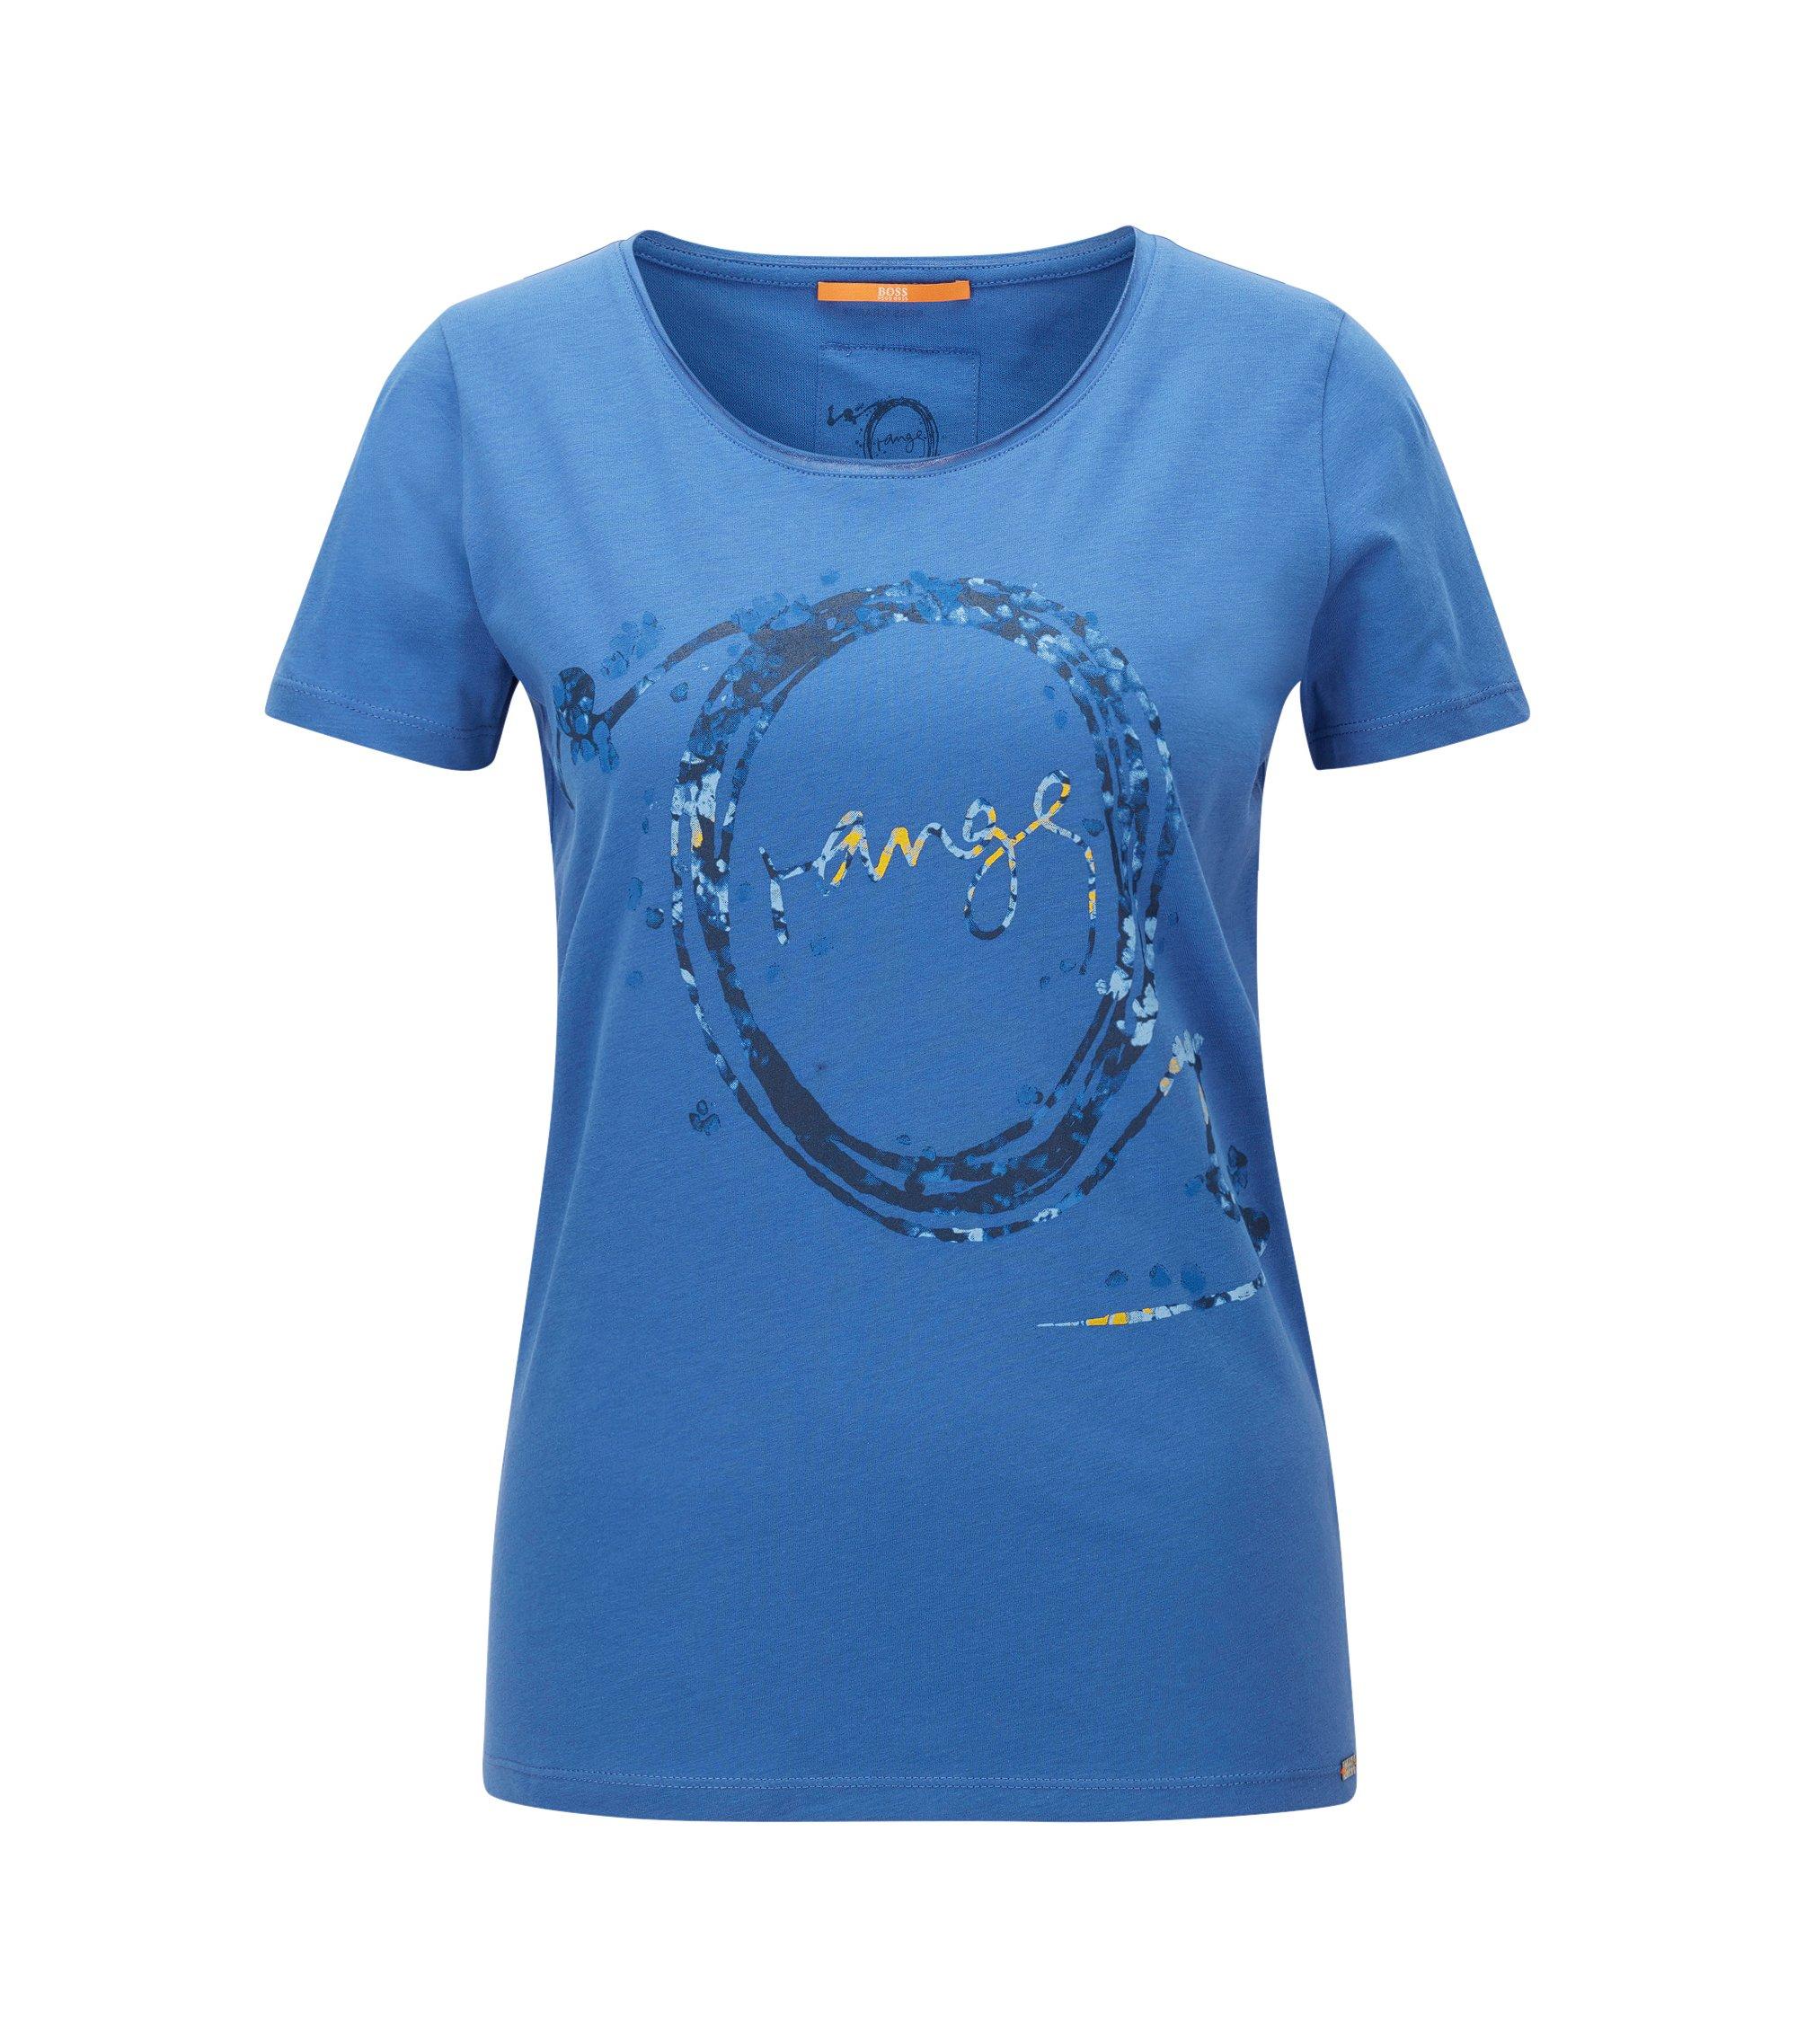 T-shirt Slim Fit imprimé en jersey de coton simple, Bleu